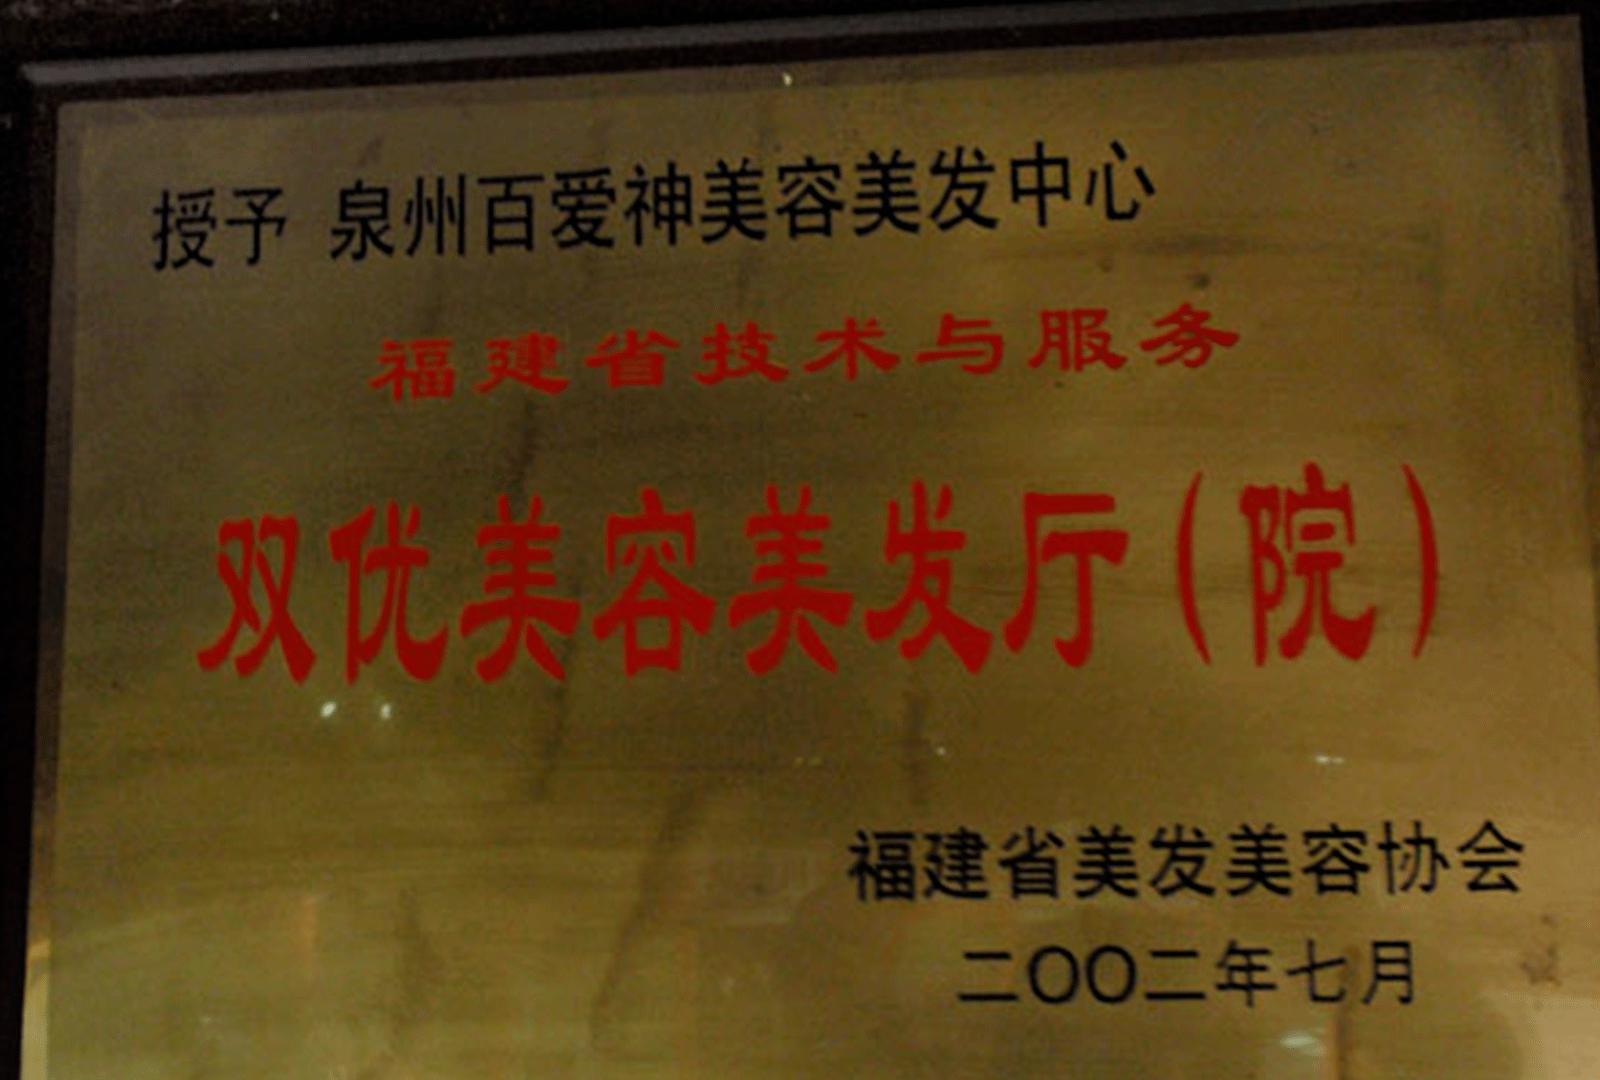 """_0011_福建省技术与服务""""双优美容美发厅"""""""